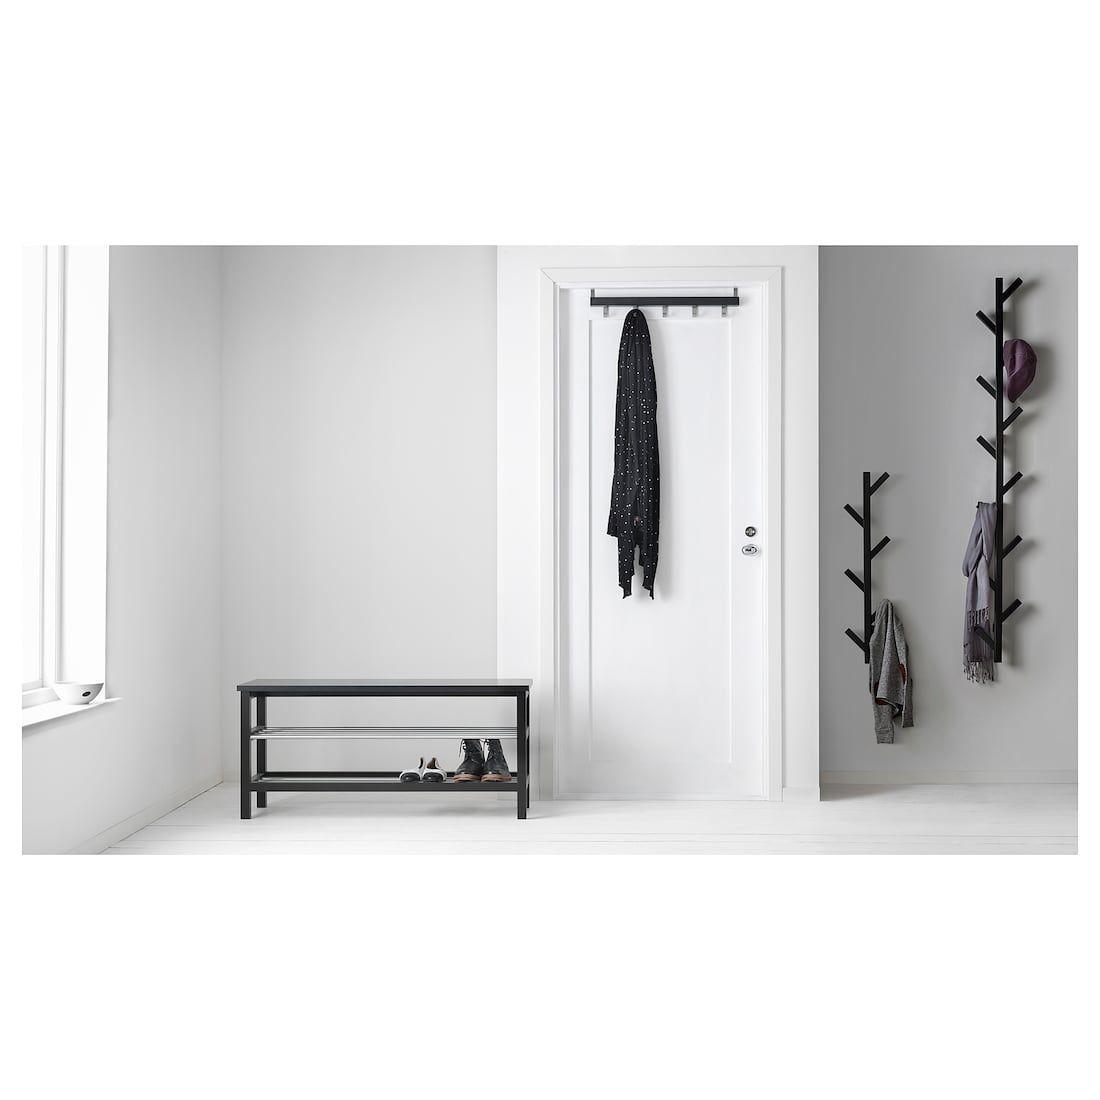 Ikea Tjusig Black Hanger